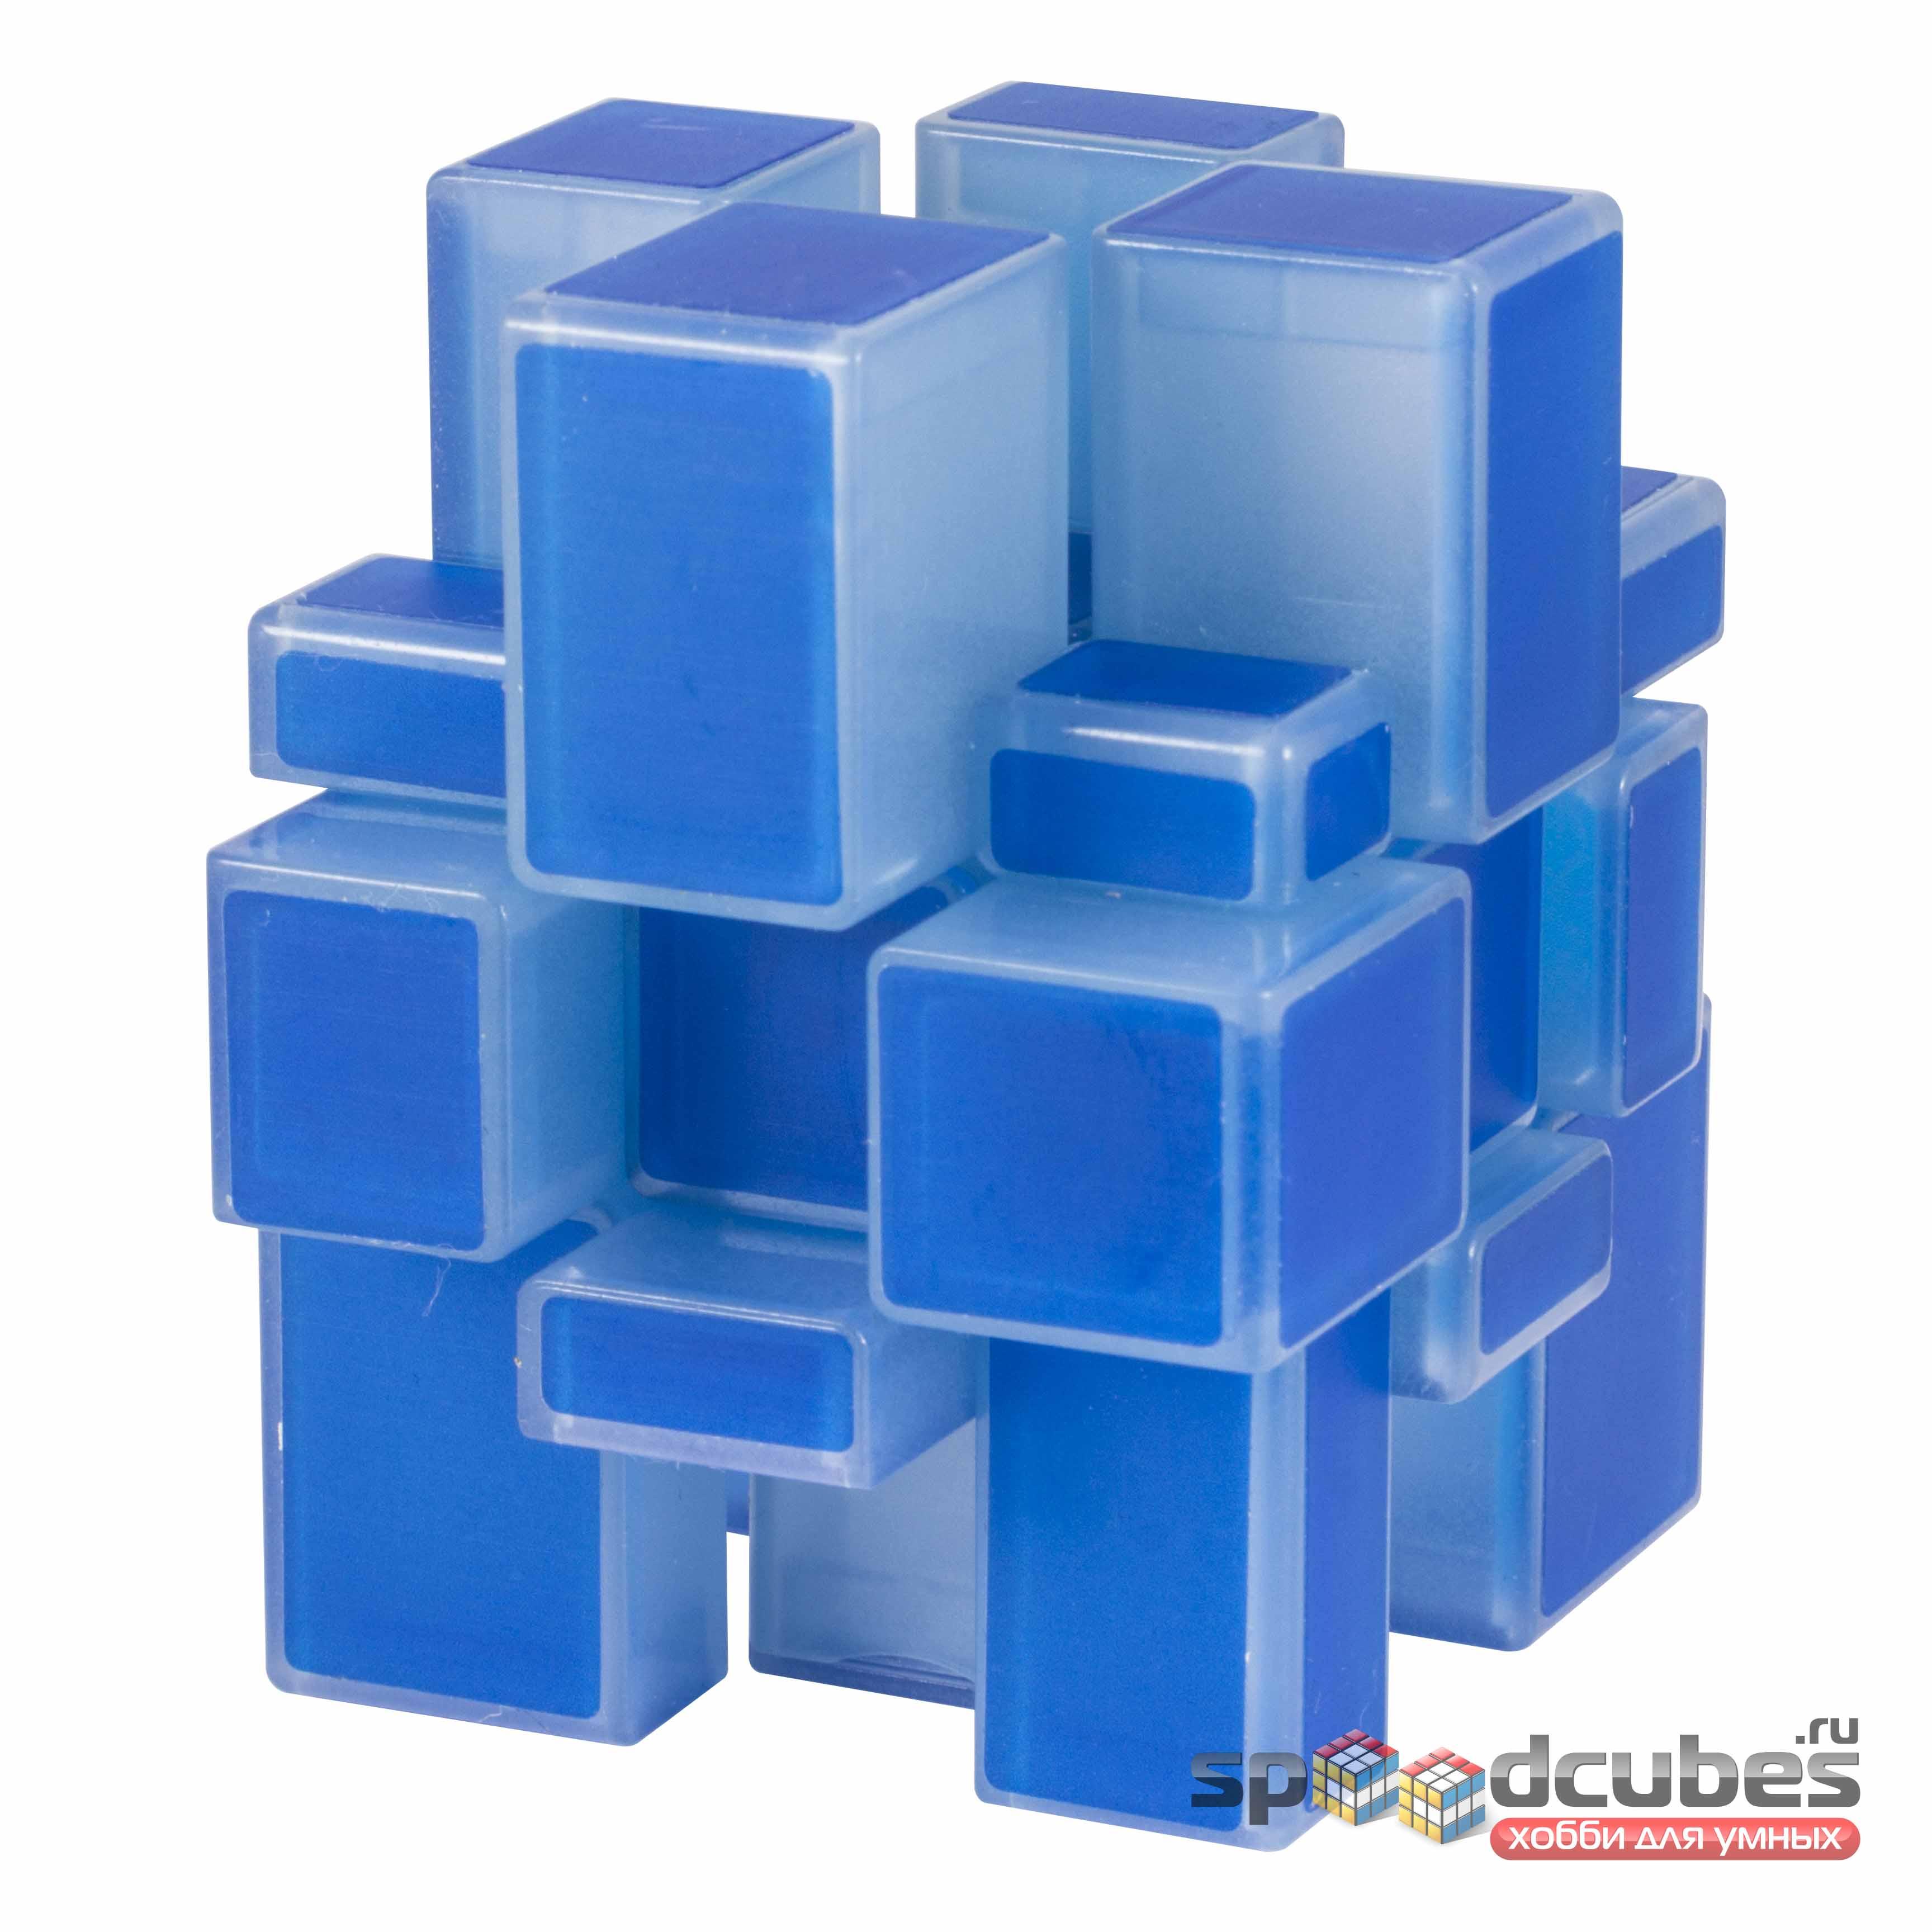 QiYi (MoFangGe) Luminous Mirror Cube 3